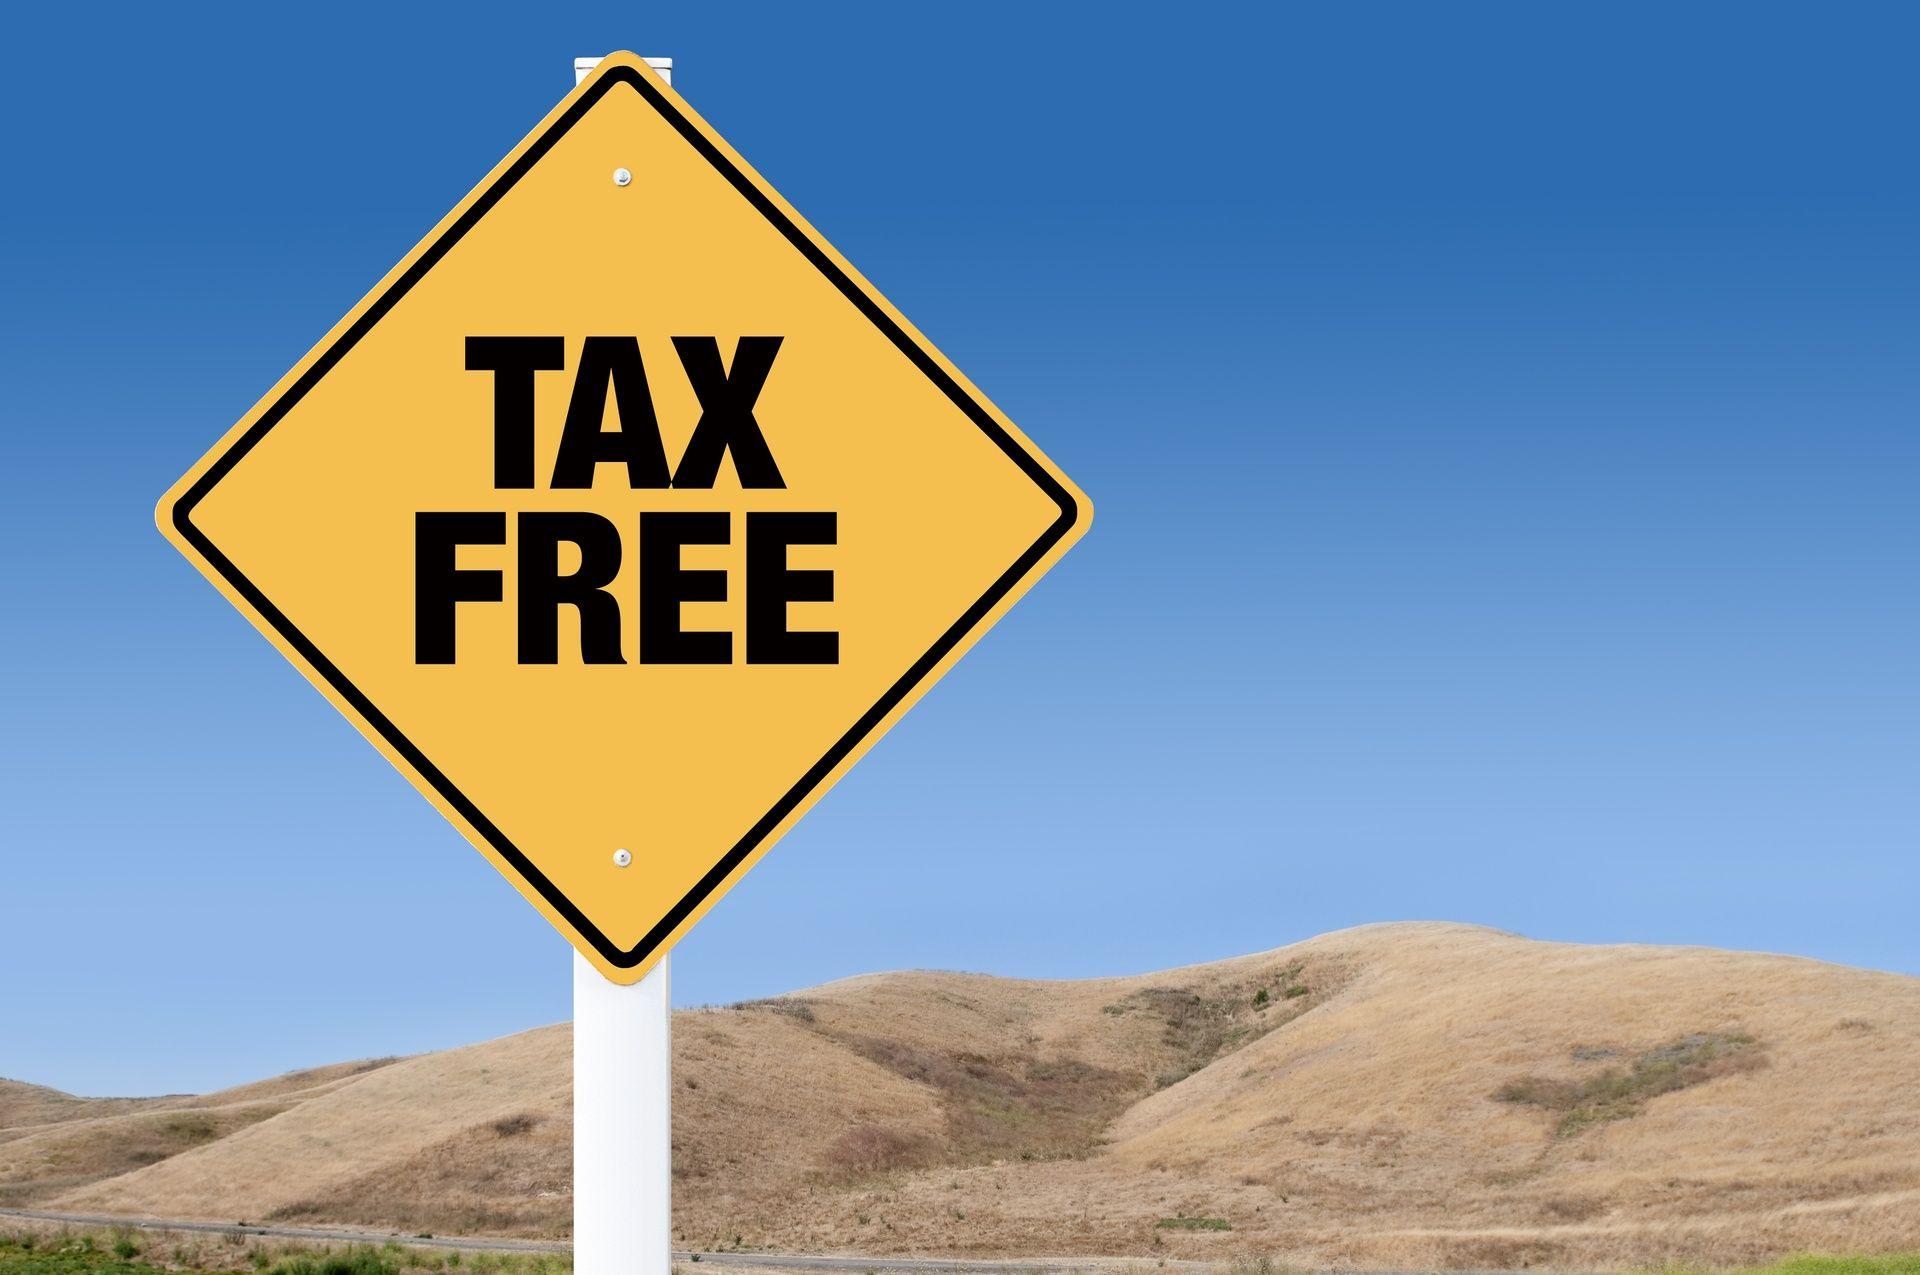 В.В. Путин подписал закон о введении в РФ системы Tax Free